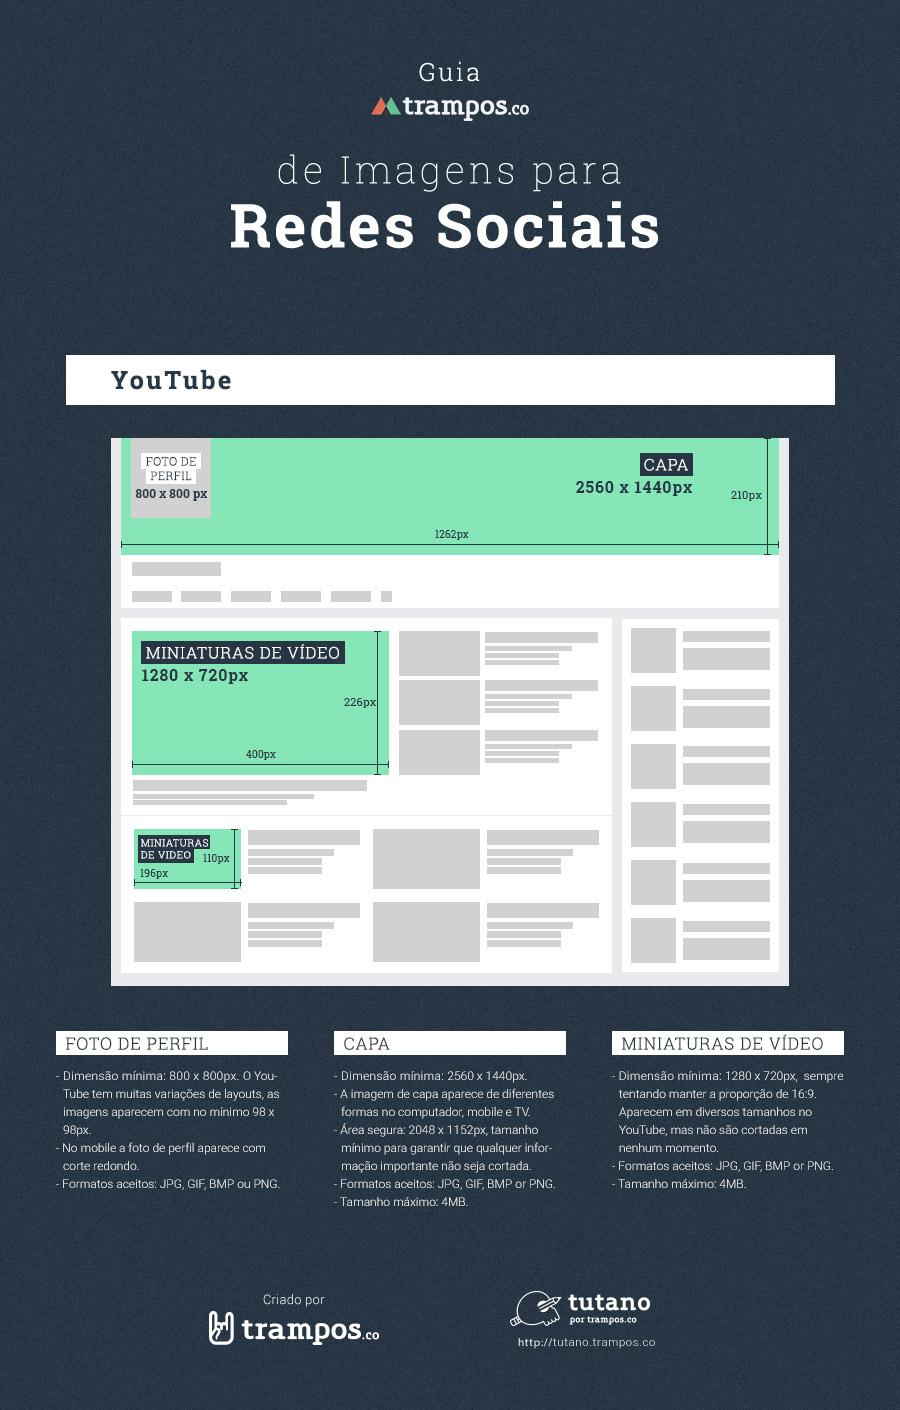 Guia trampos de tamanhos de imagens para mídias sociais: Youtube